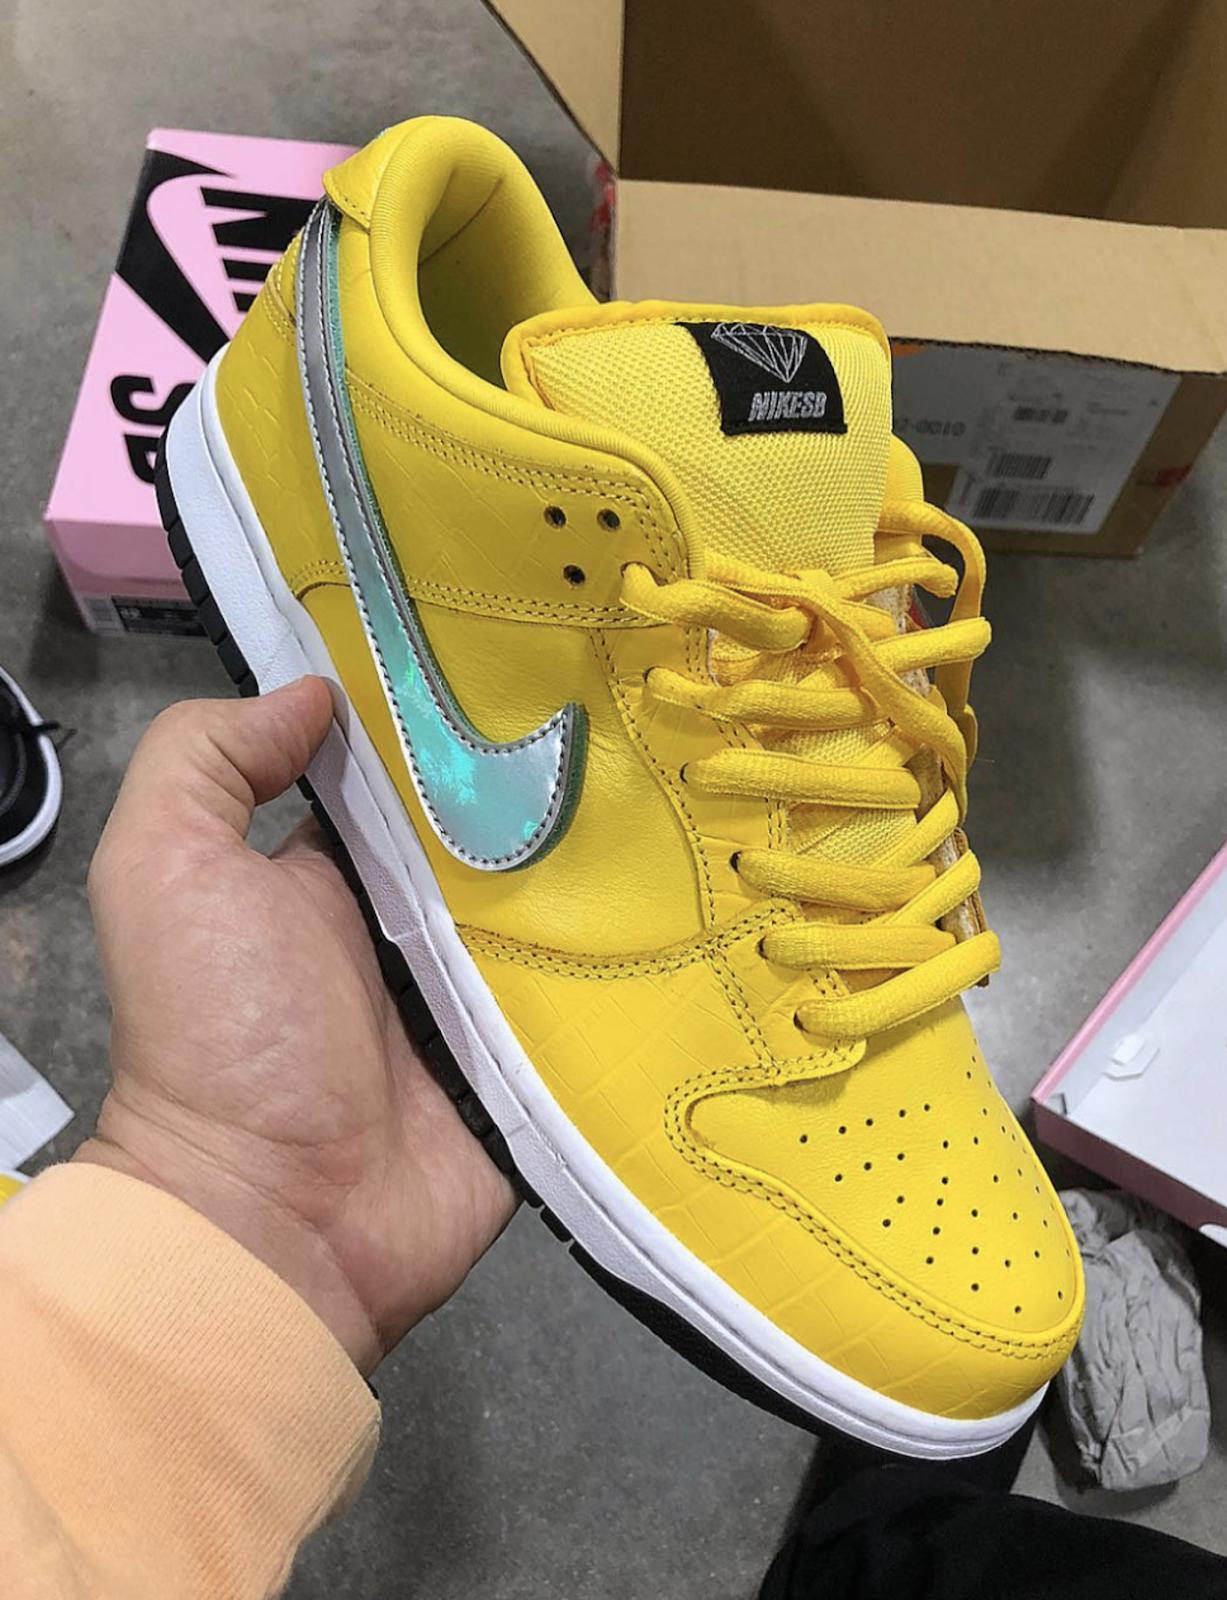 official photos a1bc3 4e15a Diamond Supply Co. x Nike SB Dunk Low